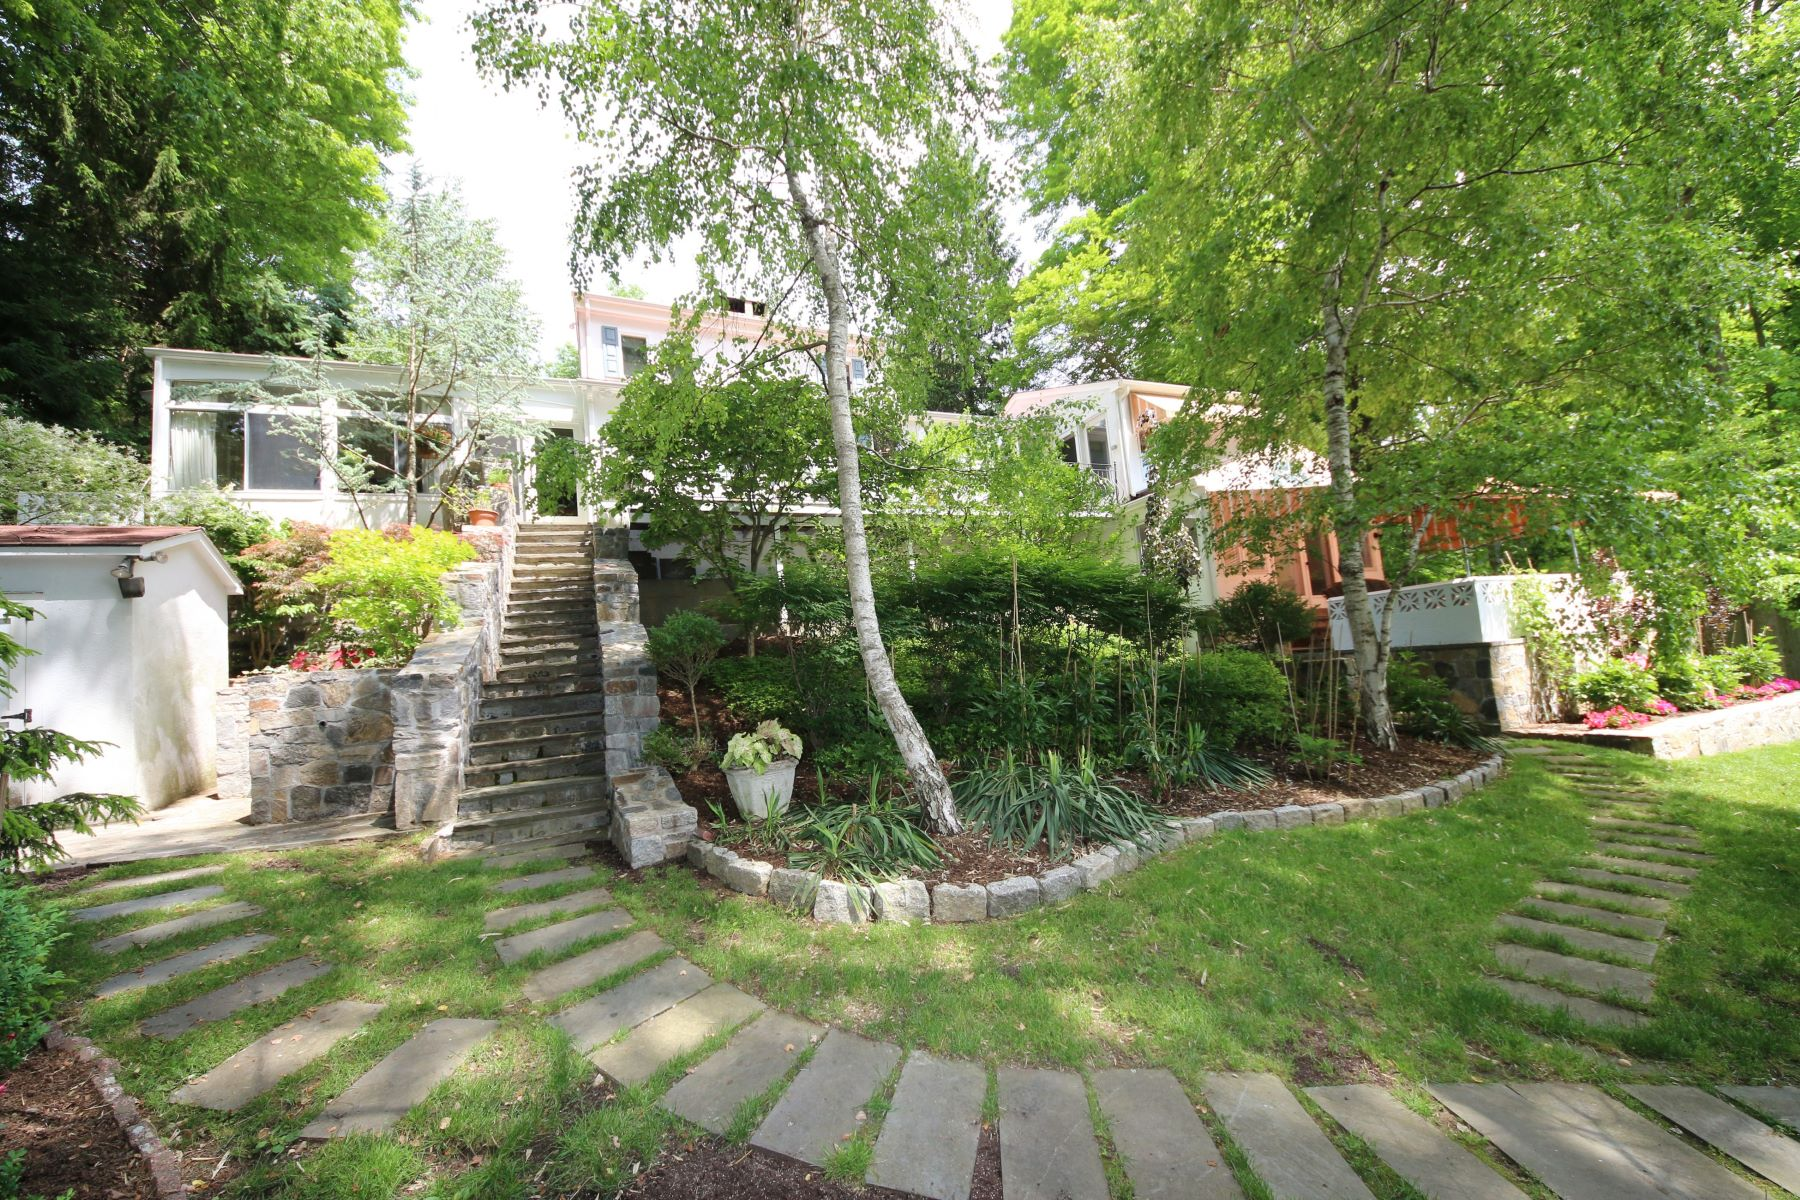 Casa para uma família para Venda às One of a Kind Mediterranean Villa 22 Rita Road Ridgefield, Connecticut 06877 Estados Unidos